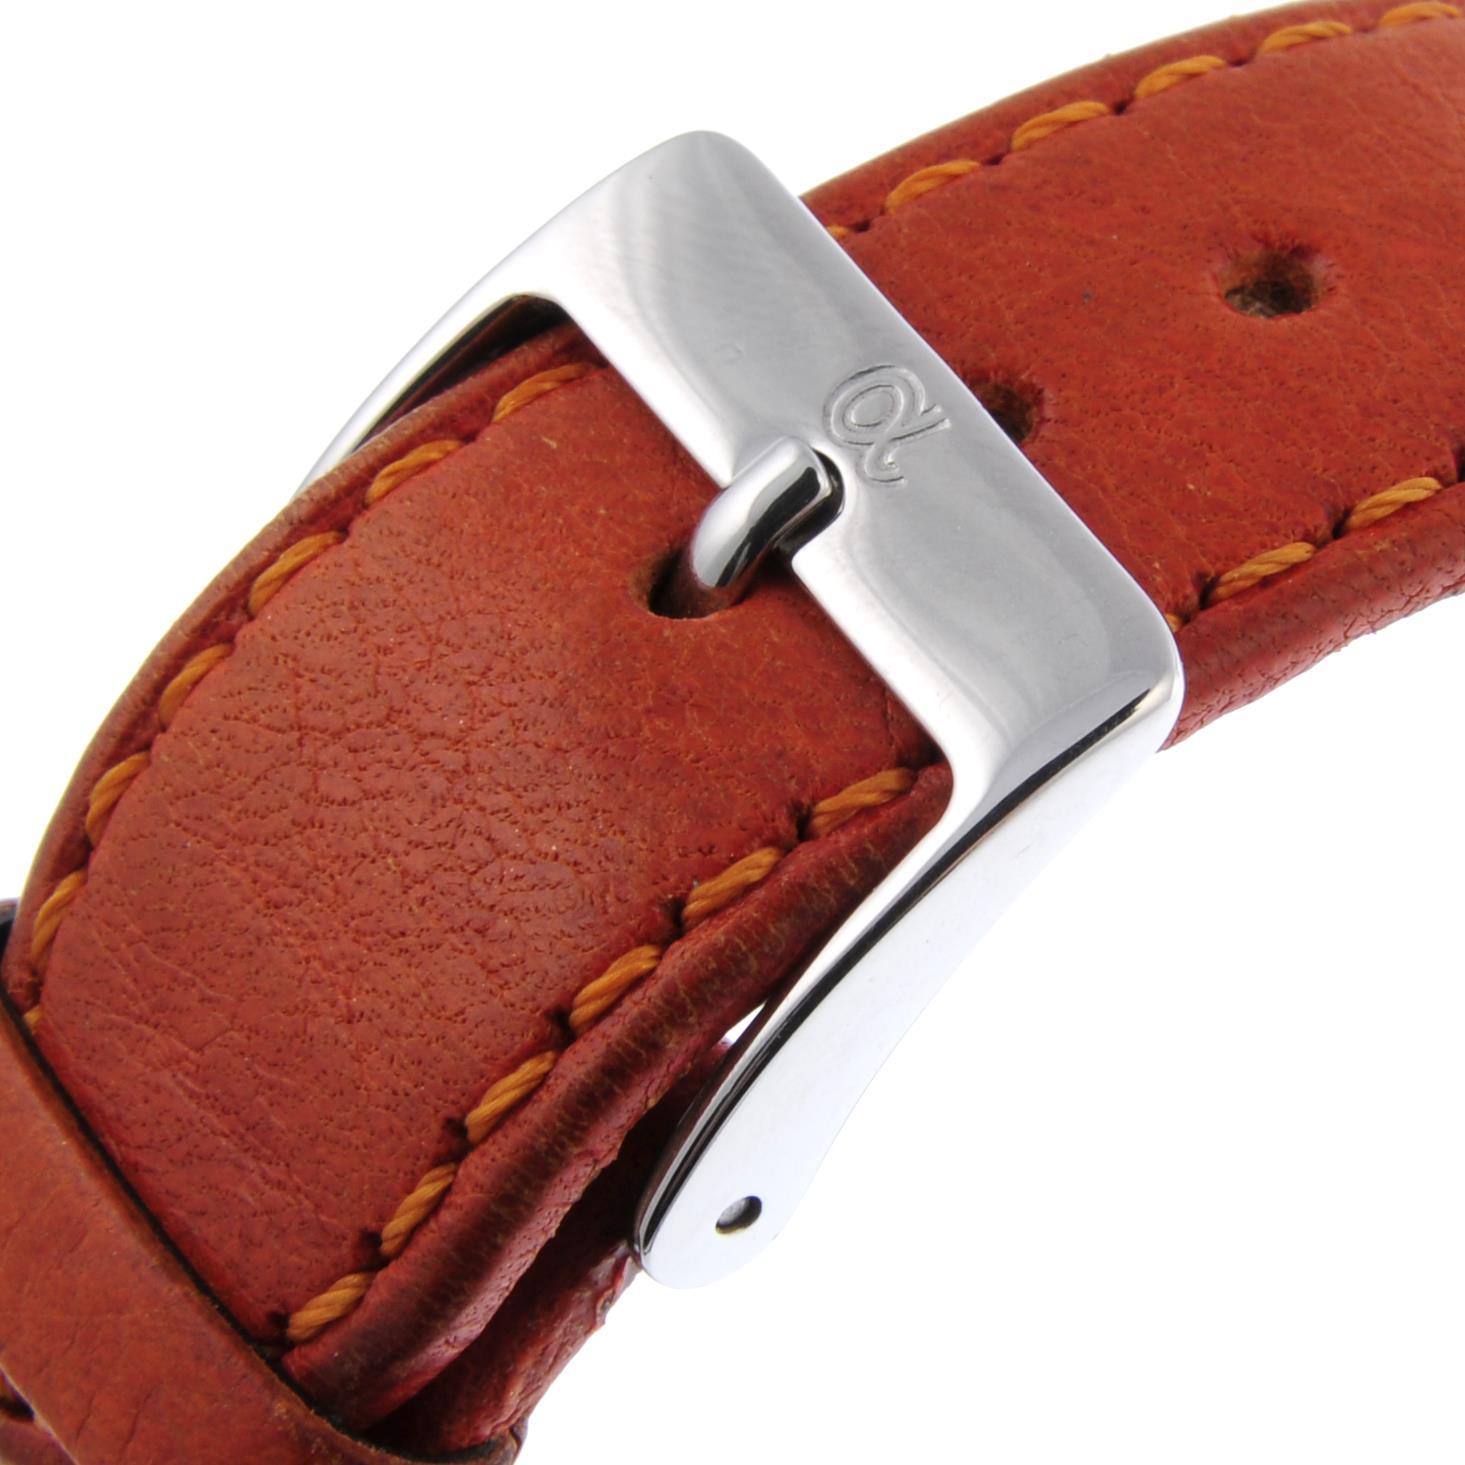 OMEGA - a Seamaster wrist watch. - Image 2 of 4